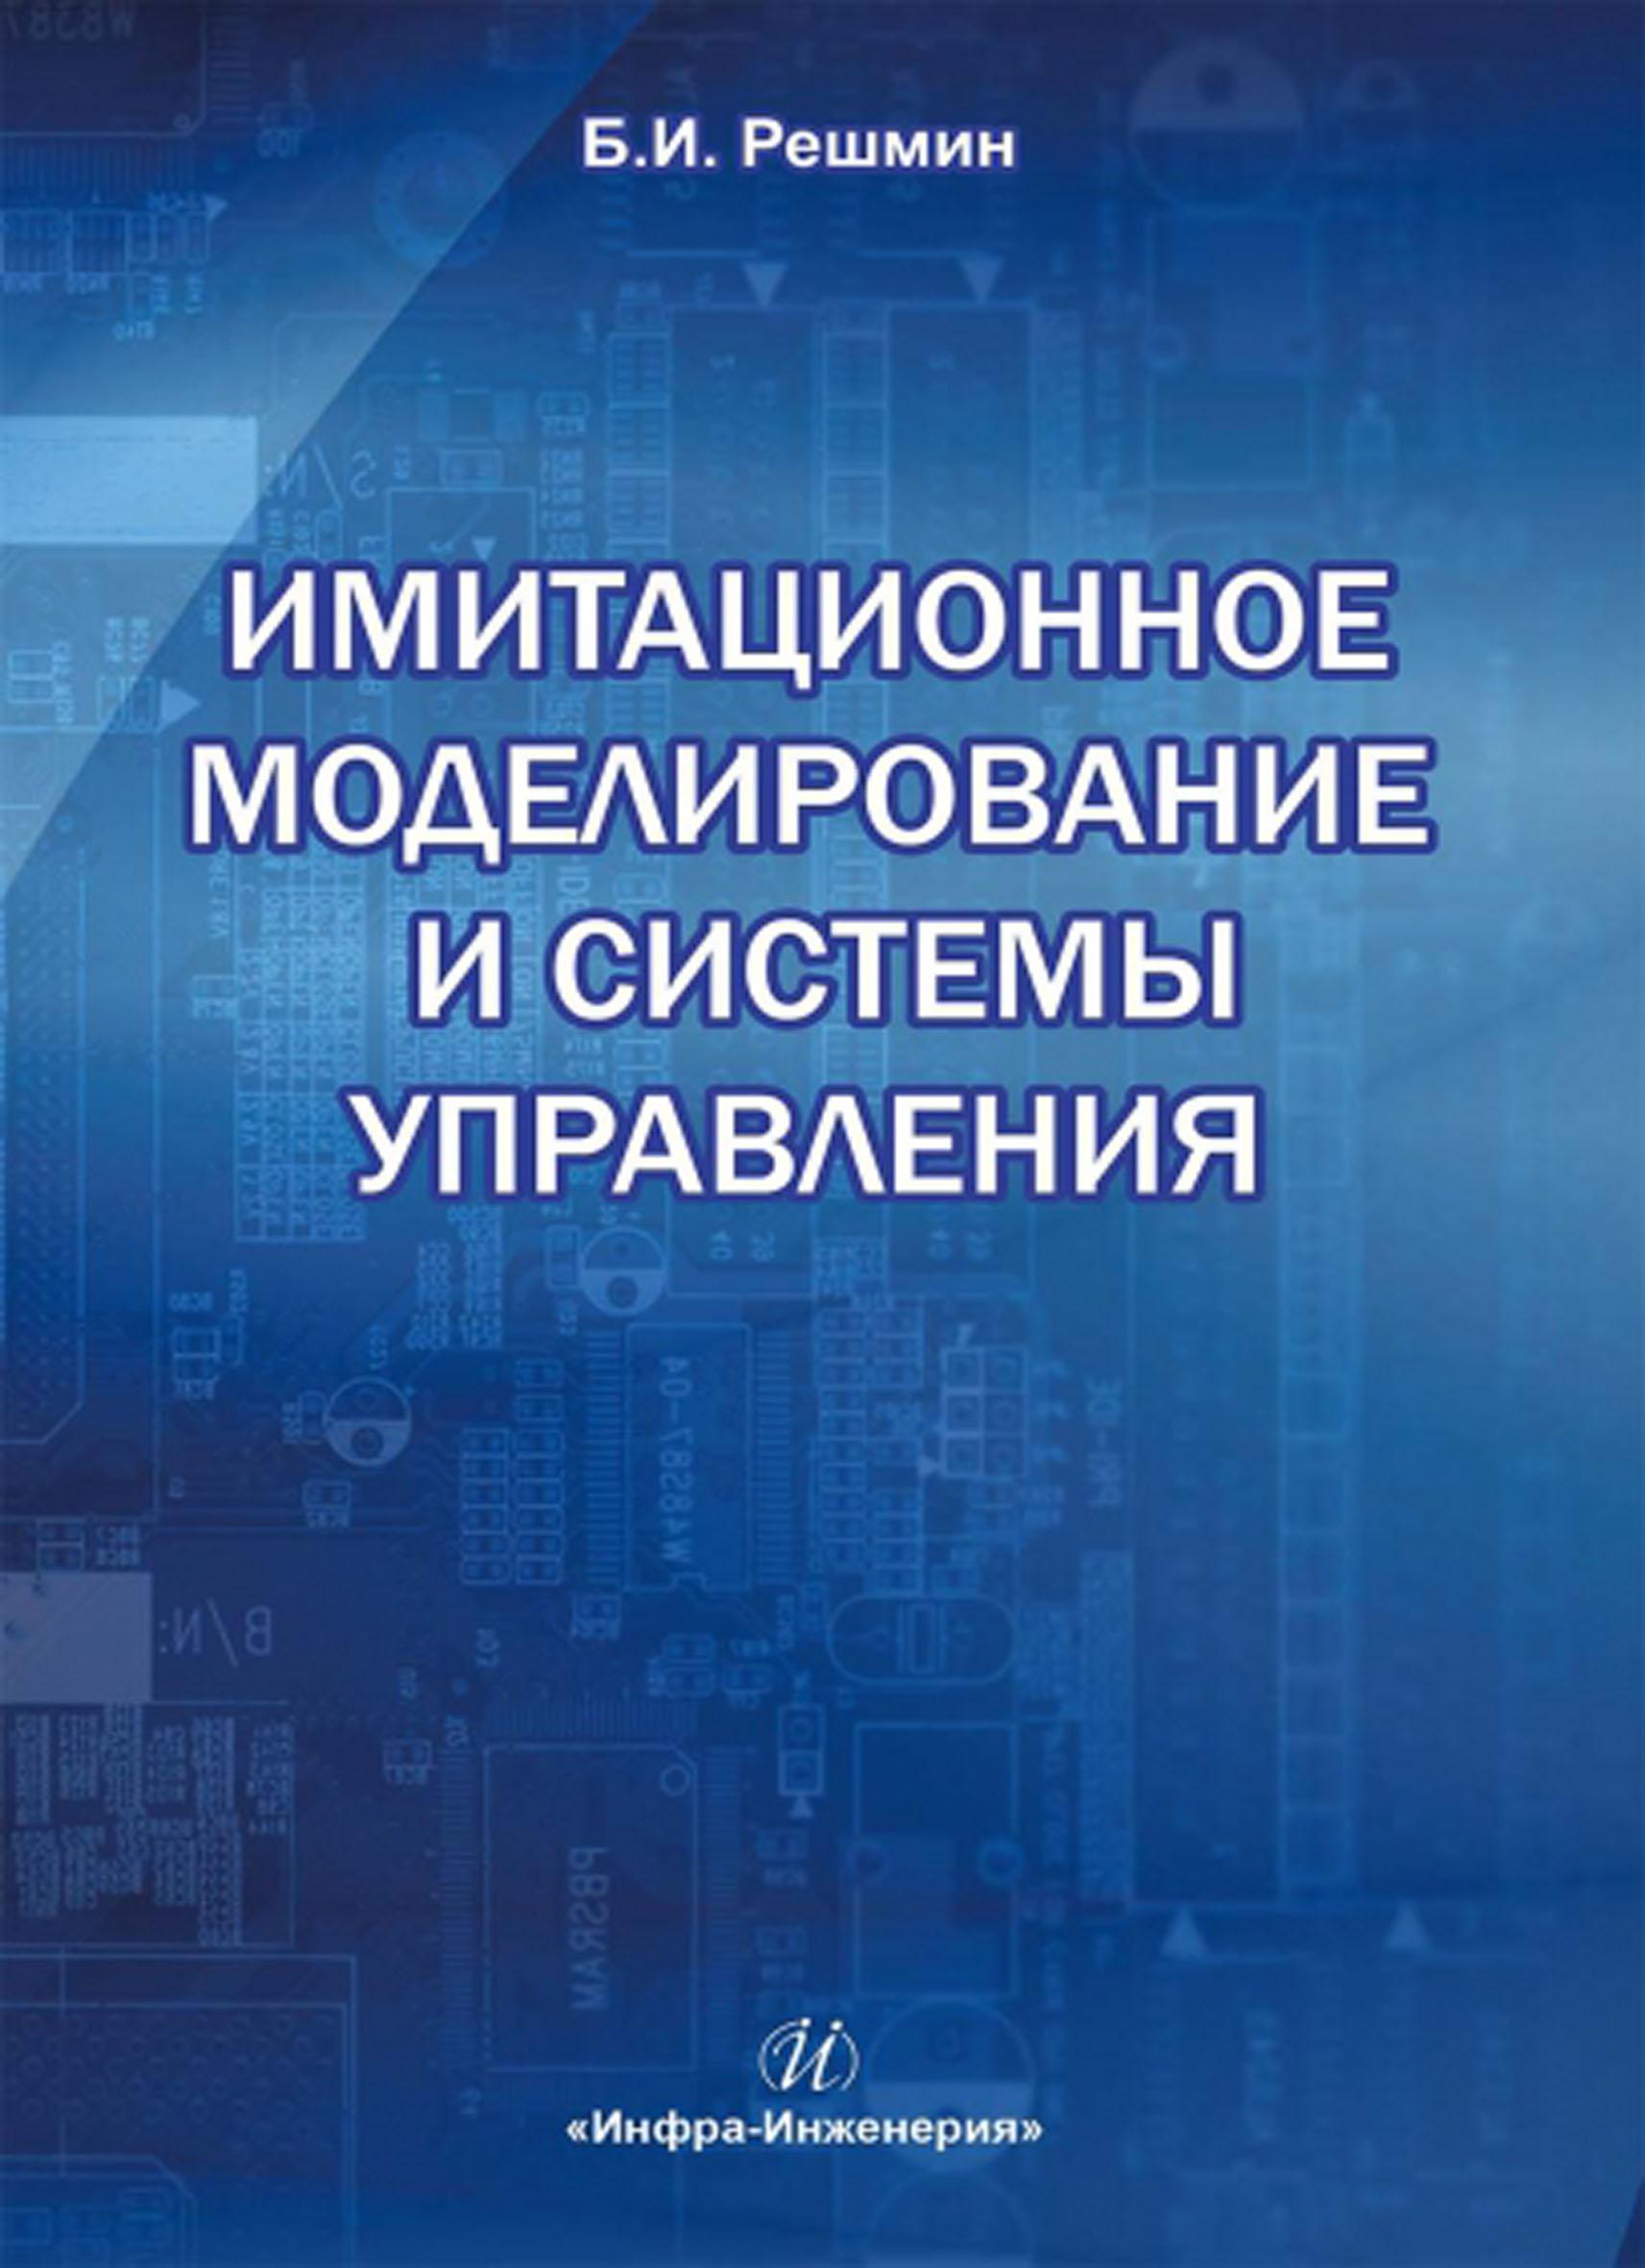 Б. И. Решмин Имитационное моделирование и системы управления решмин б имитационное моделирование и системы управления